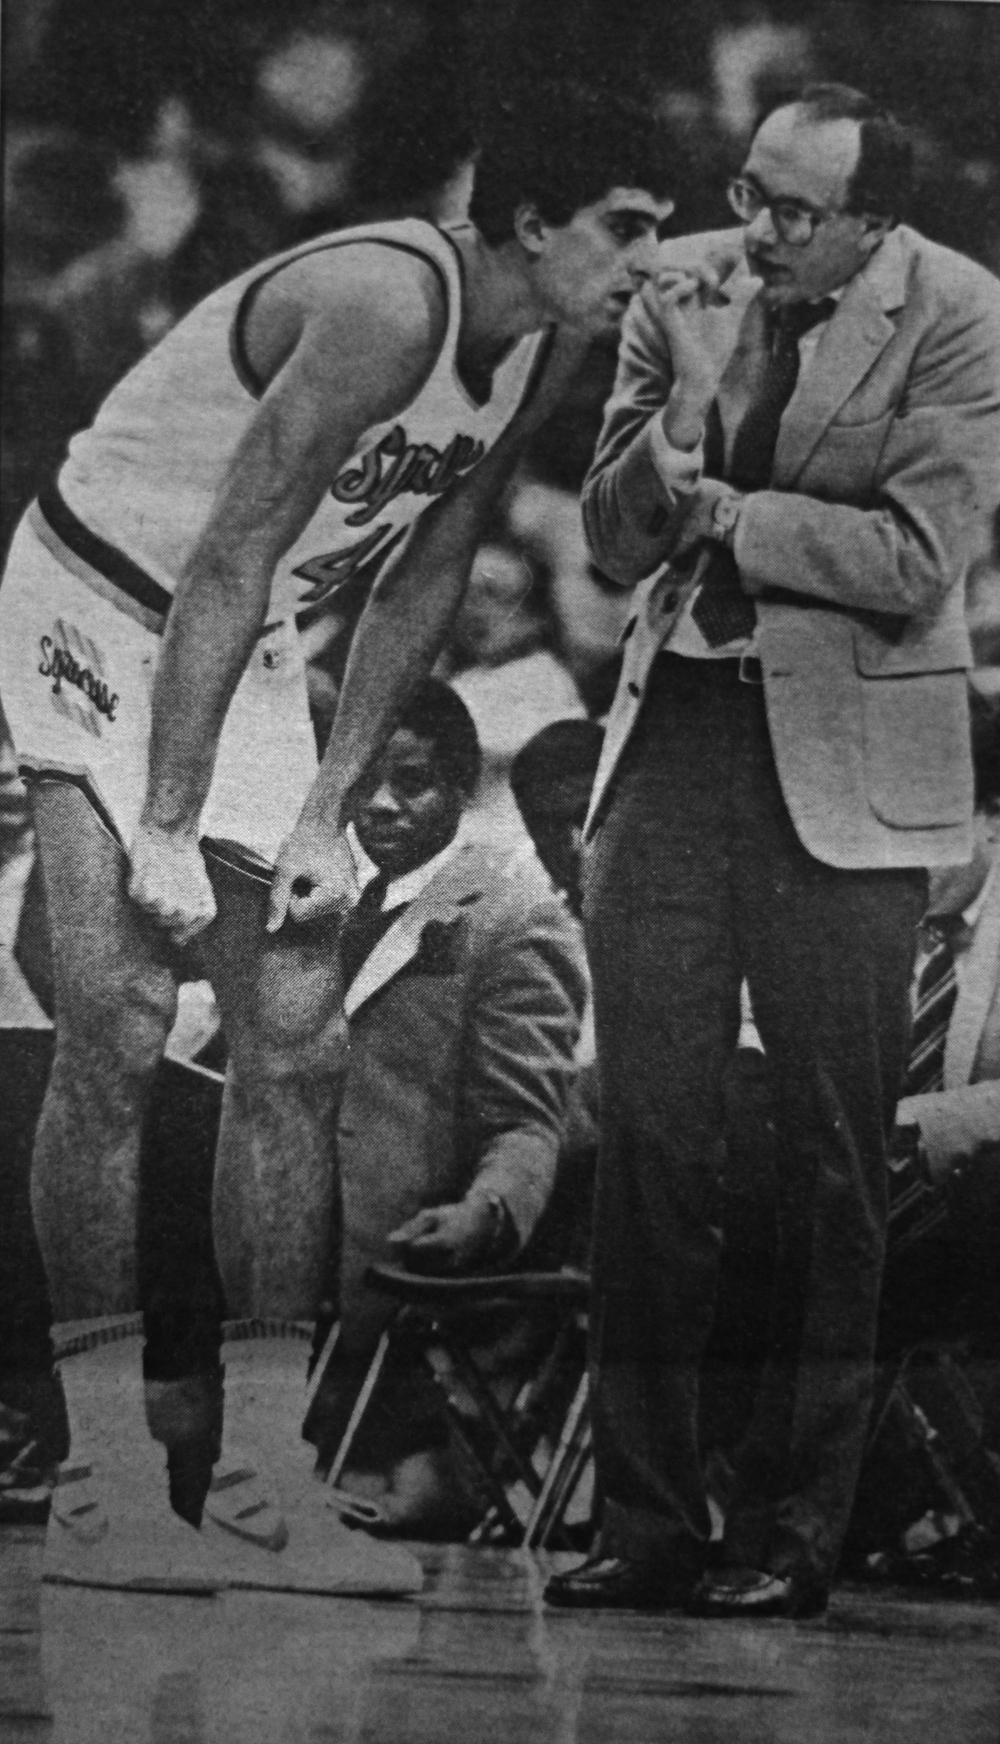 Gallery Syracuse head coach Jim Boeheim through the years The